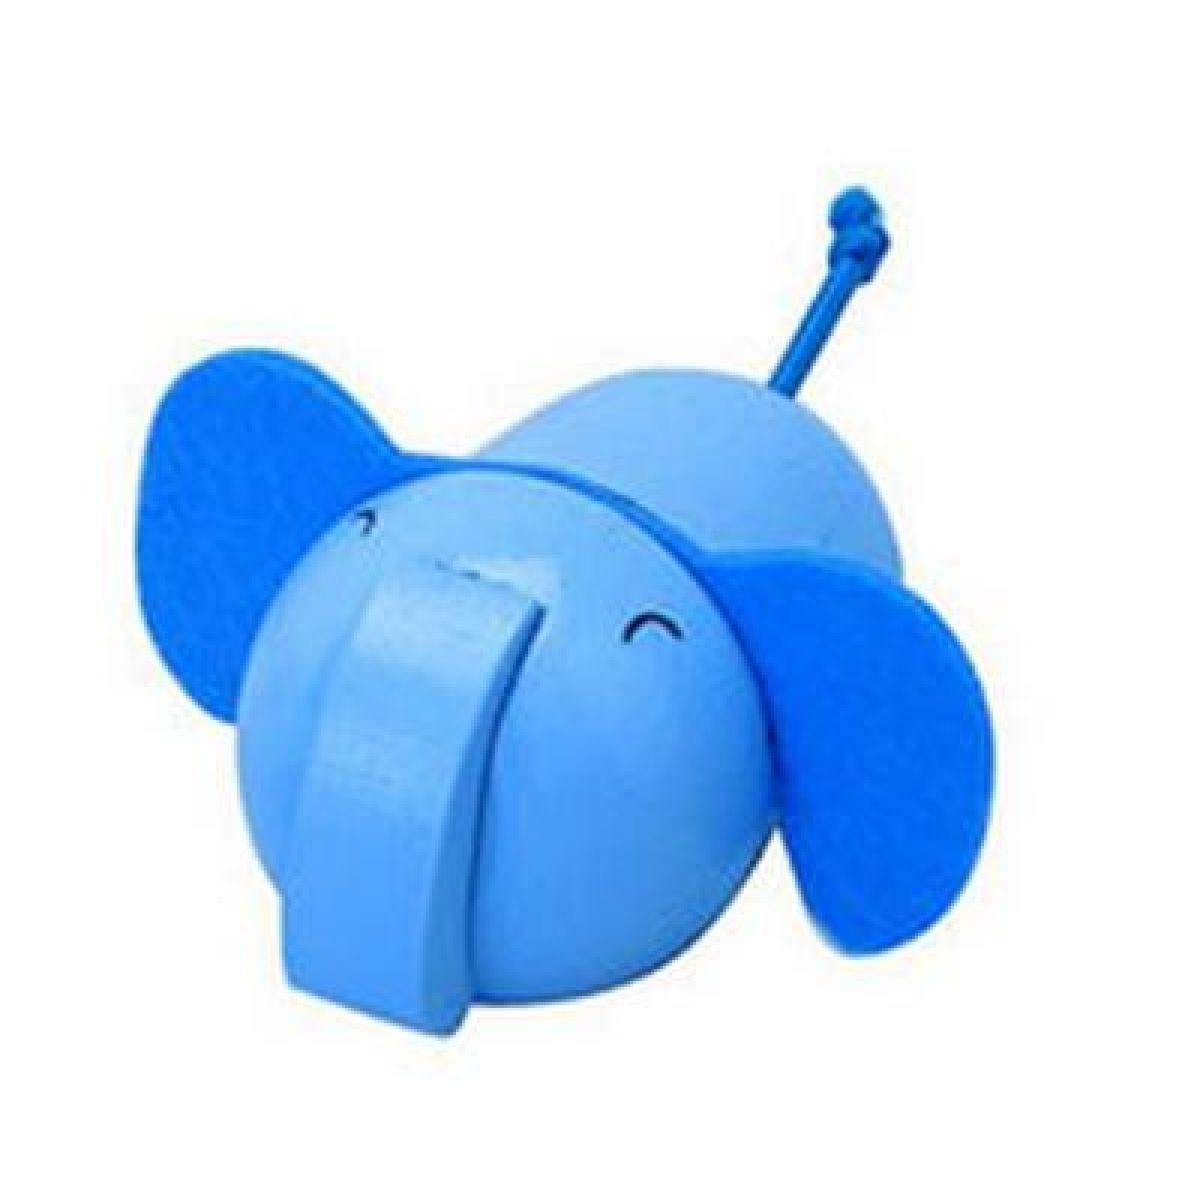 Pohyblivý slon, set 6 ks Plan Toys